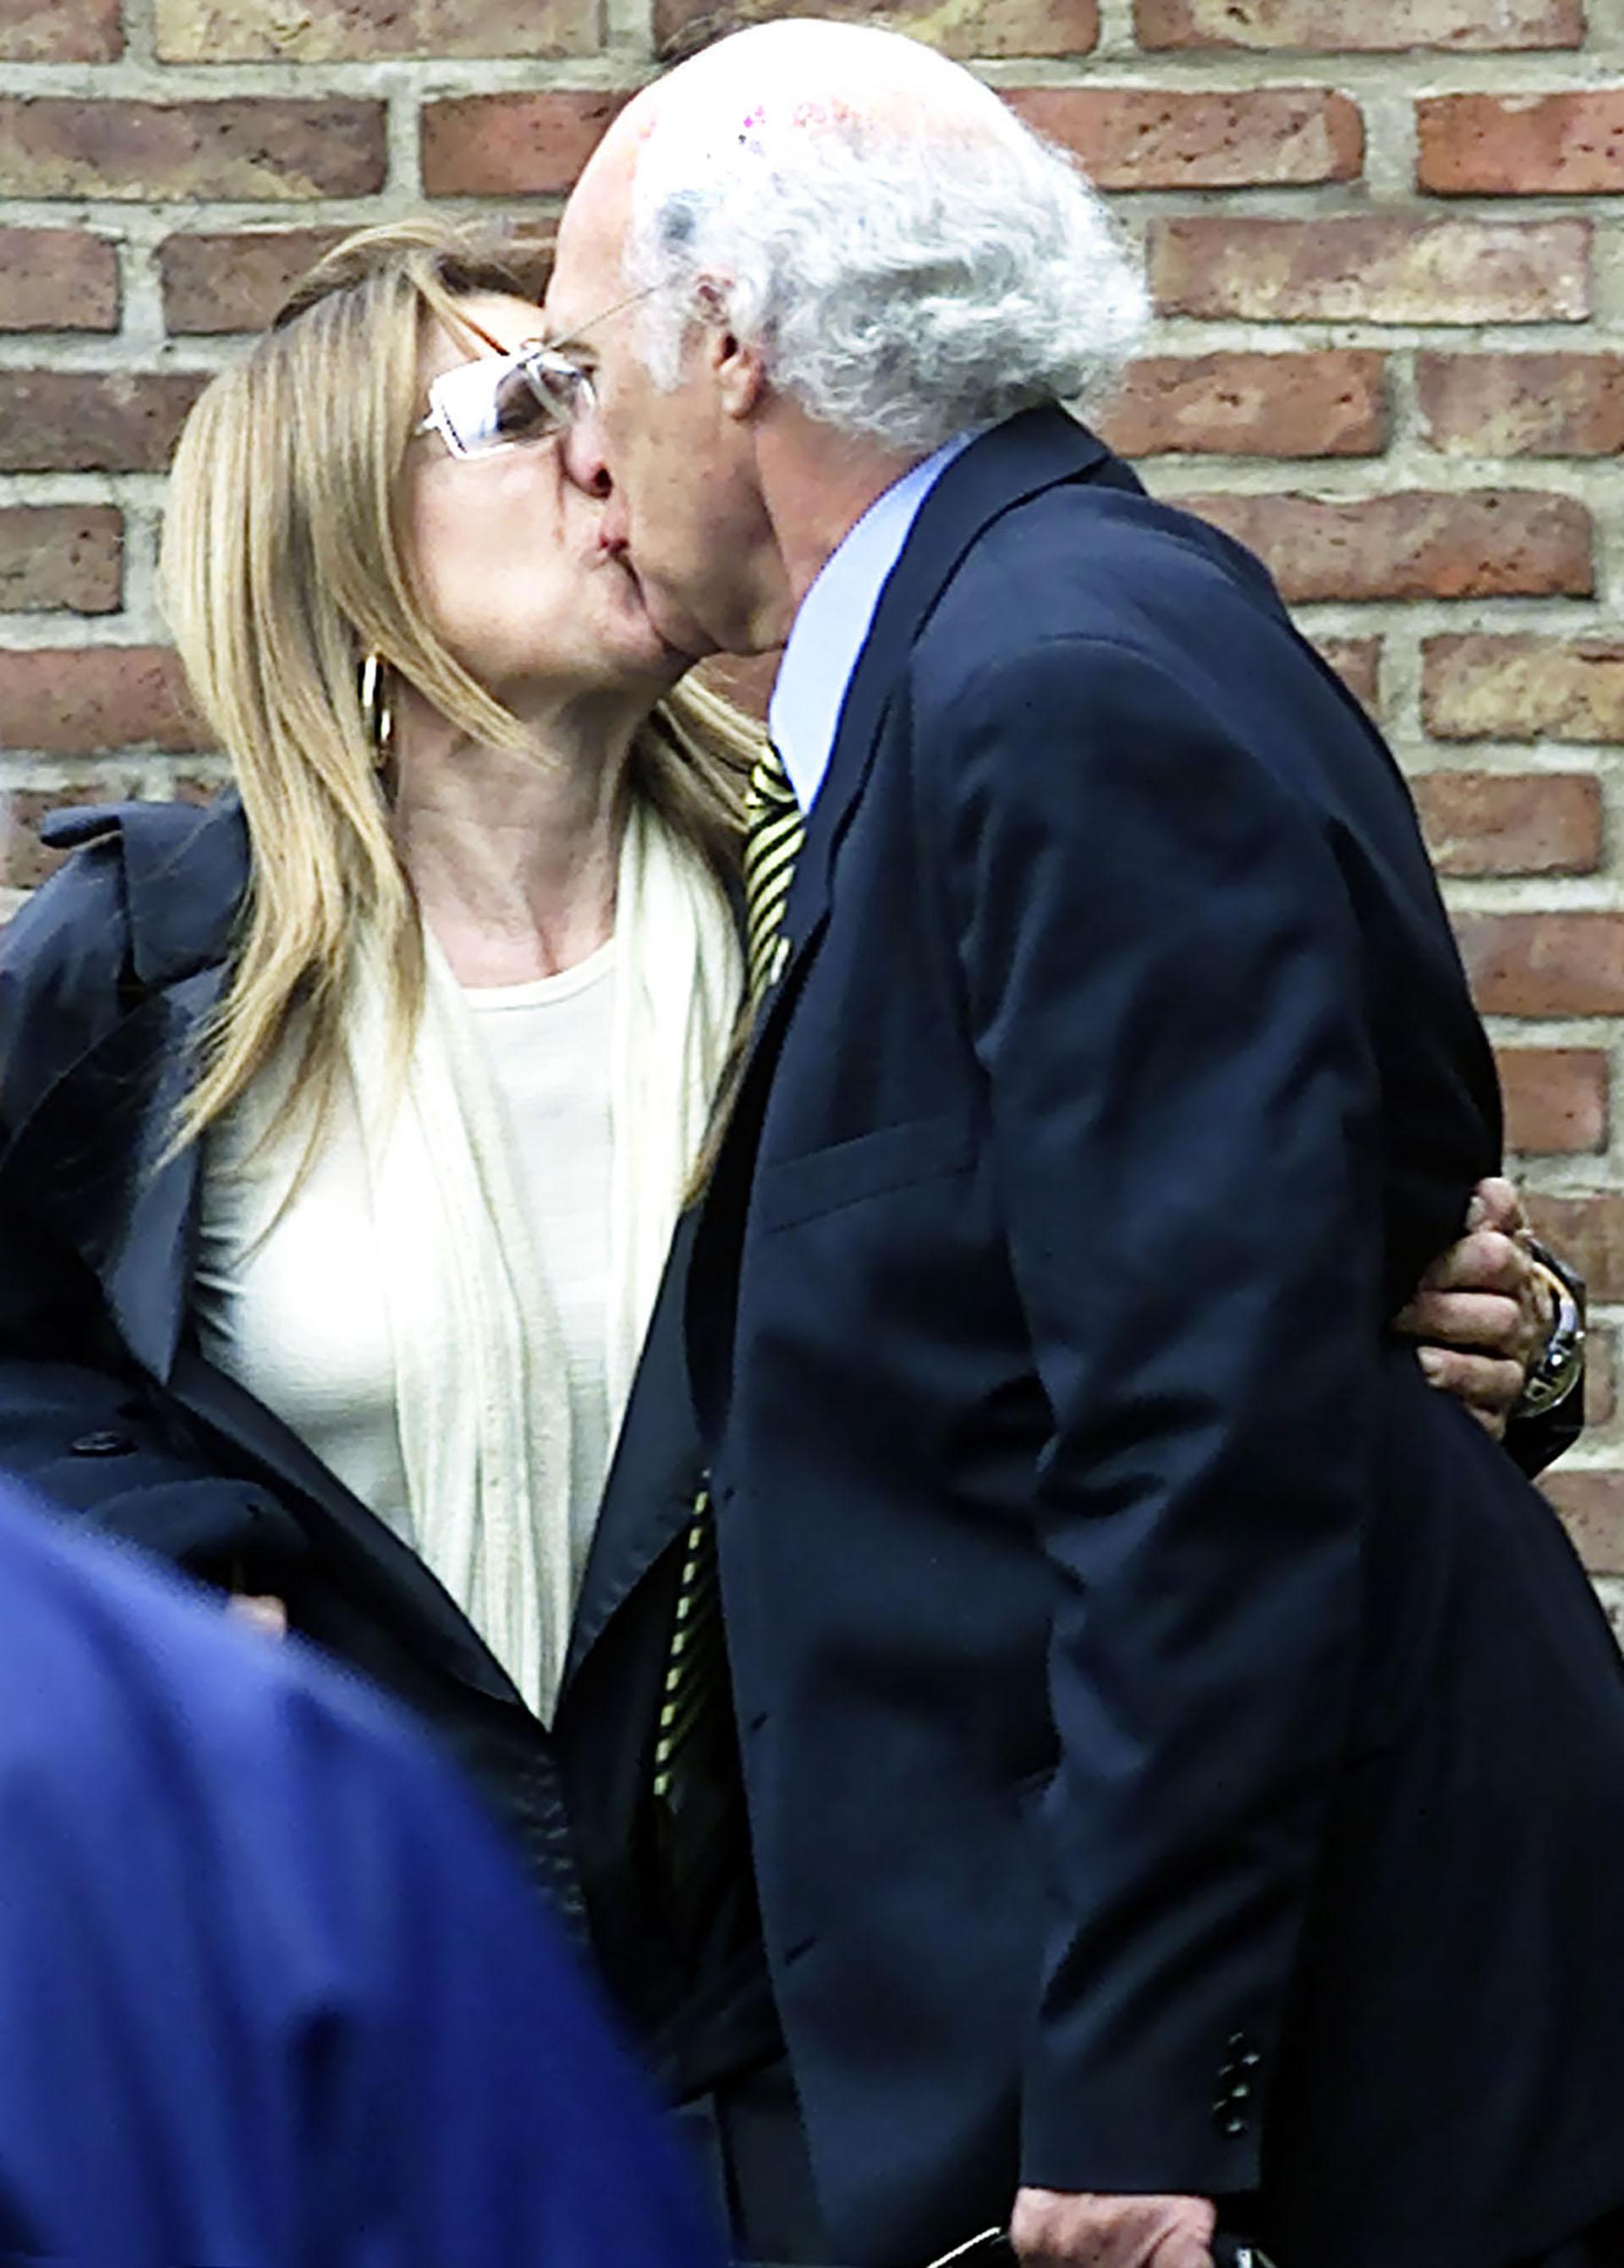 El beso de la pasión: Carlos Bianchi y su esposa Margarita, con quien tuvo dos hijos: Mauro y Brenda